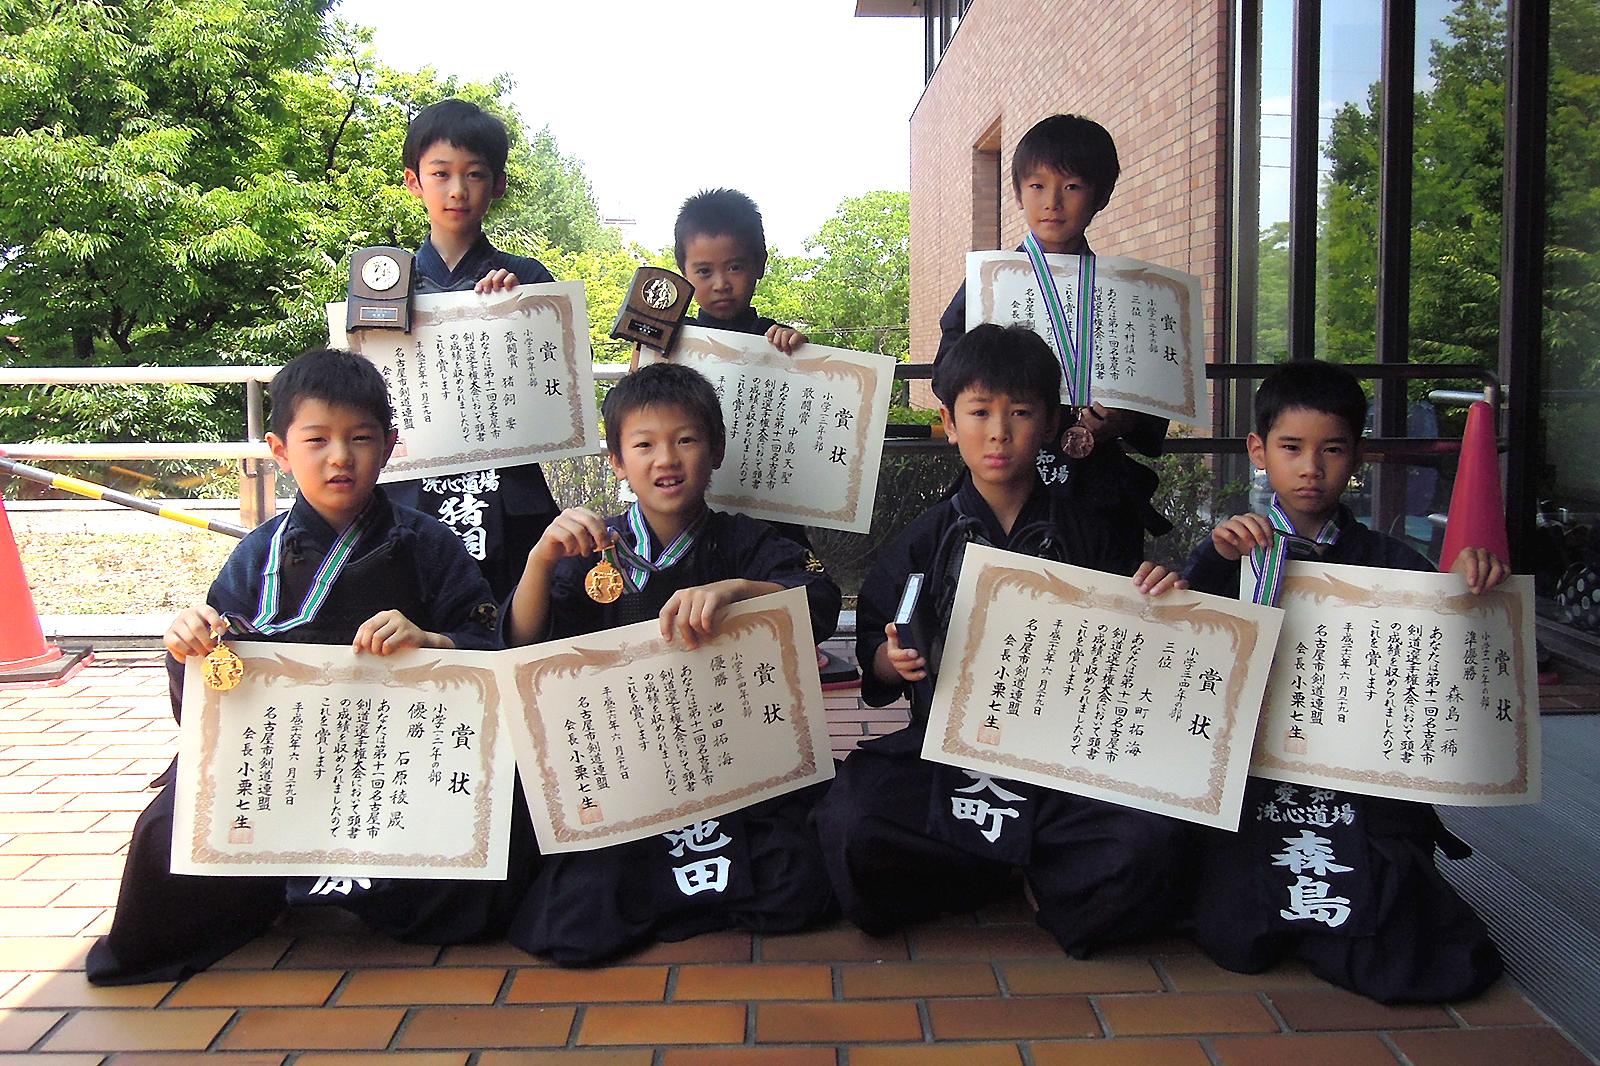 第11回名古屋市剣道選手権大会